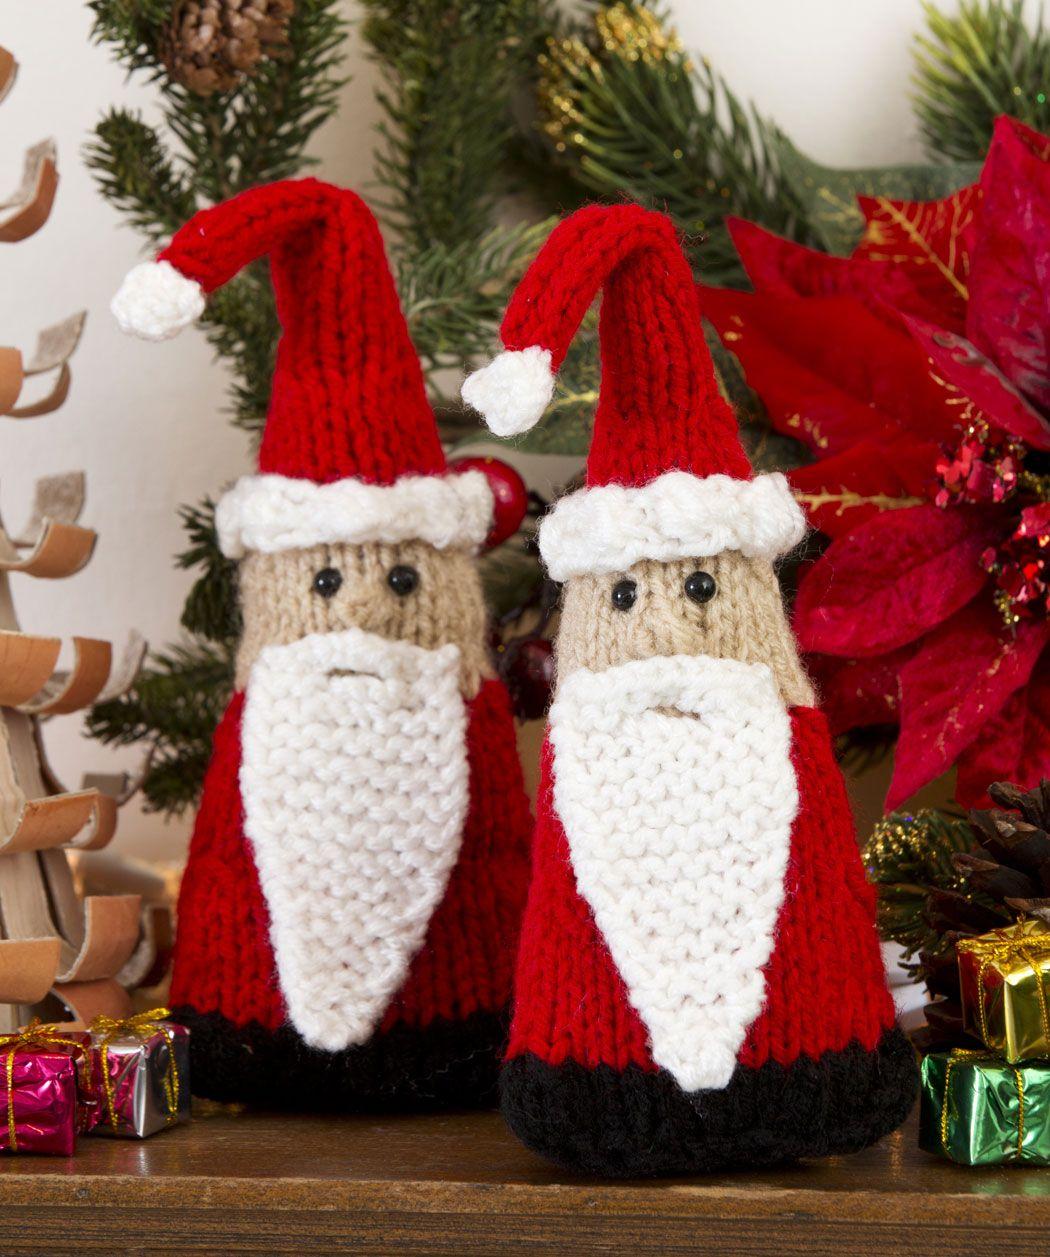 Santa gnome ornaments free knitting pattern christmas supersaver santa gnome ornaments free knitting pattern christmas supersaver redheart bankloansurffo Choice Image